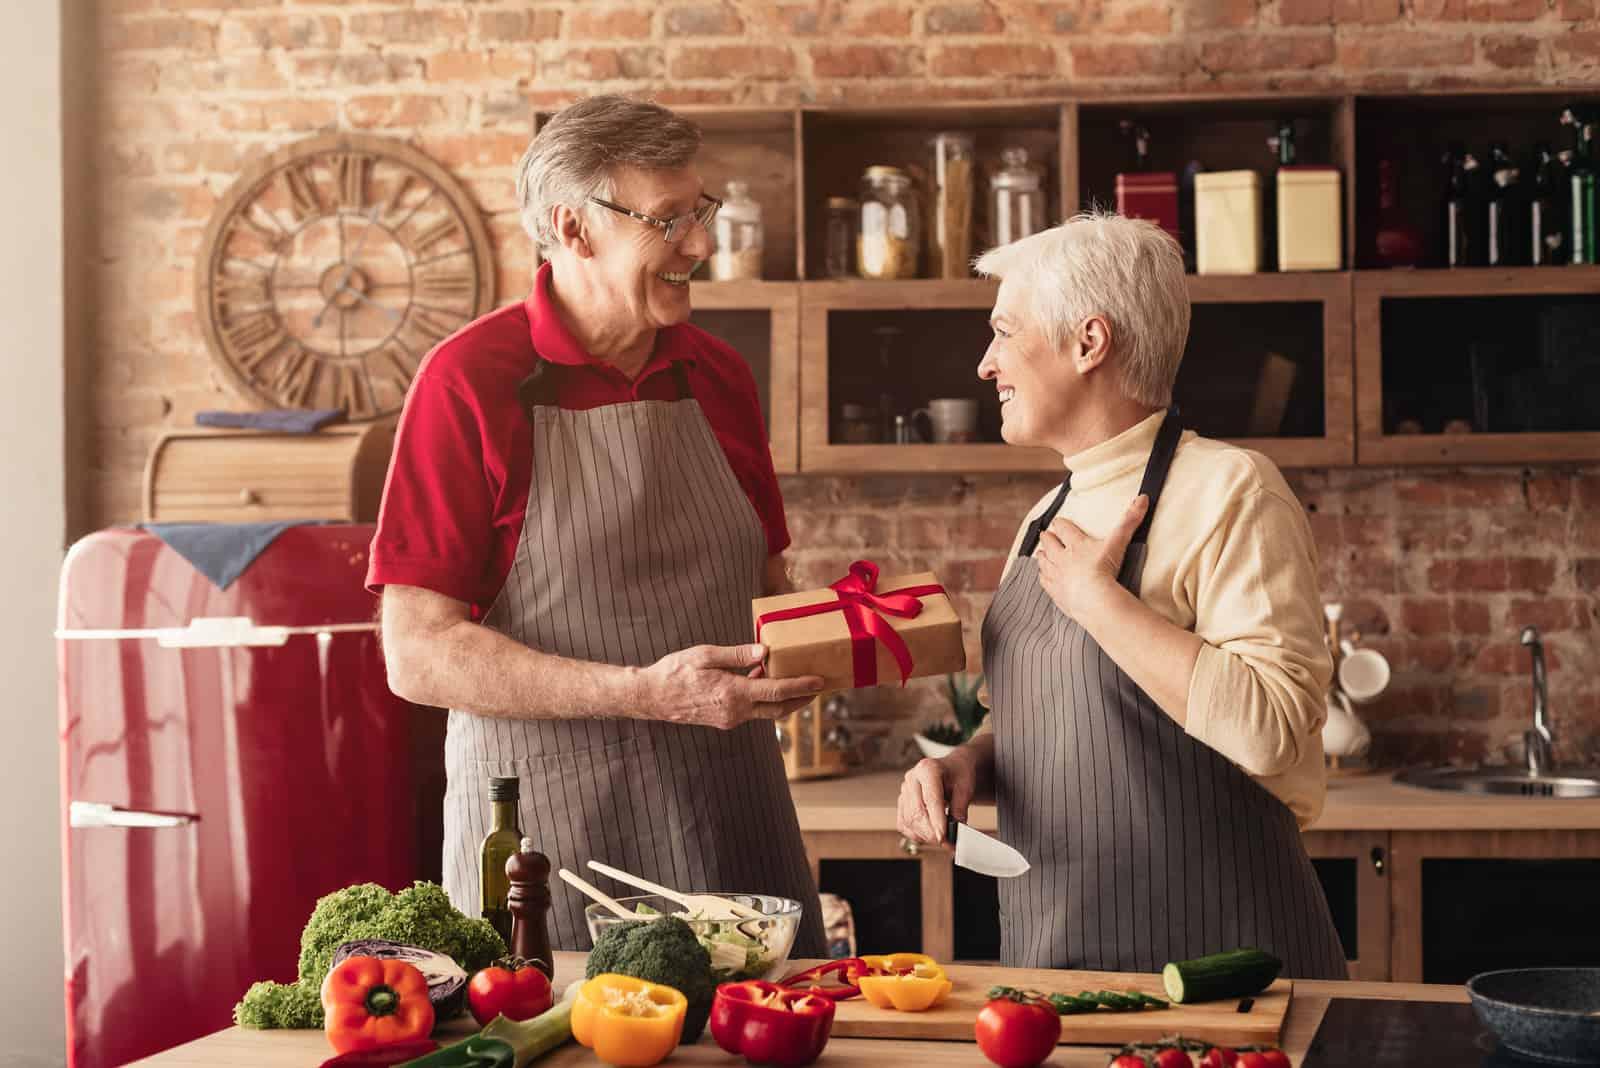 un homme offre un cadeau à une femme pendant qu'elle se tient dans la cuisine et cuisine